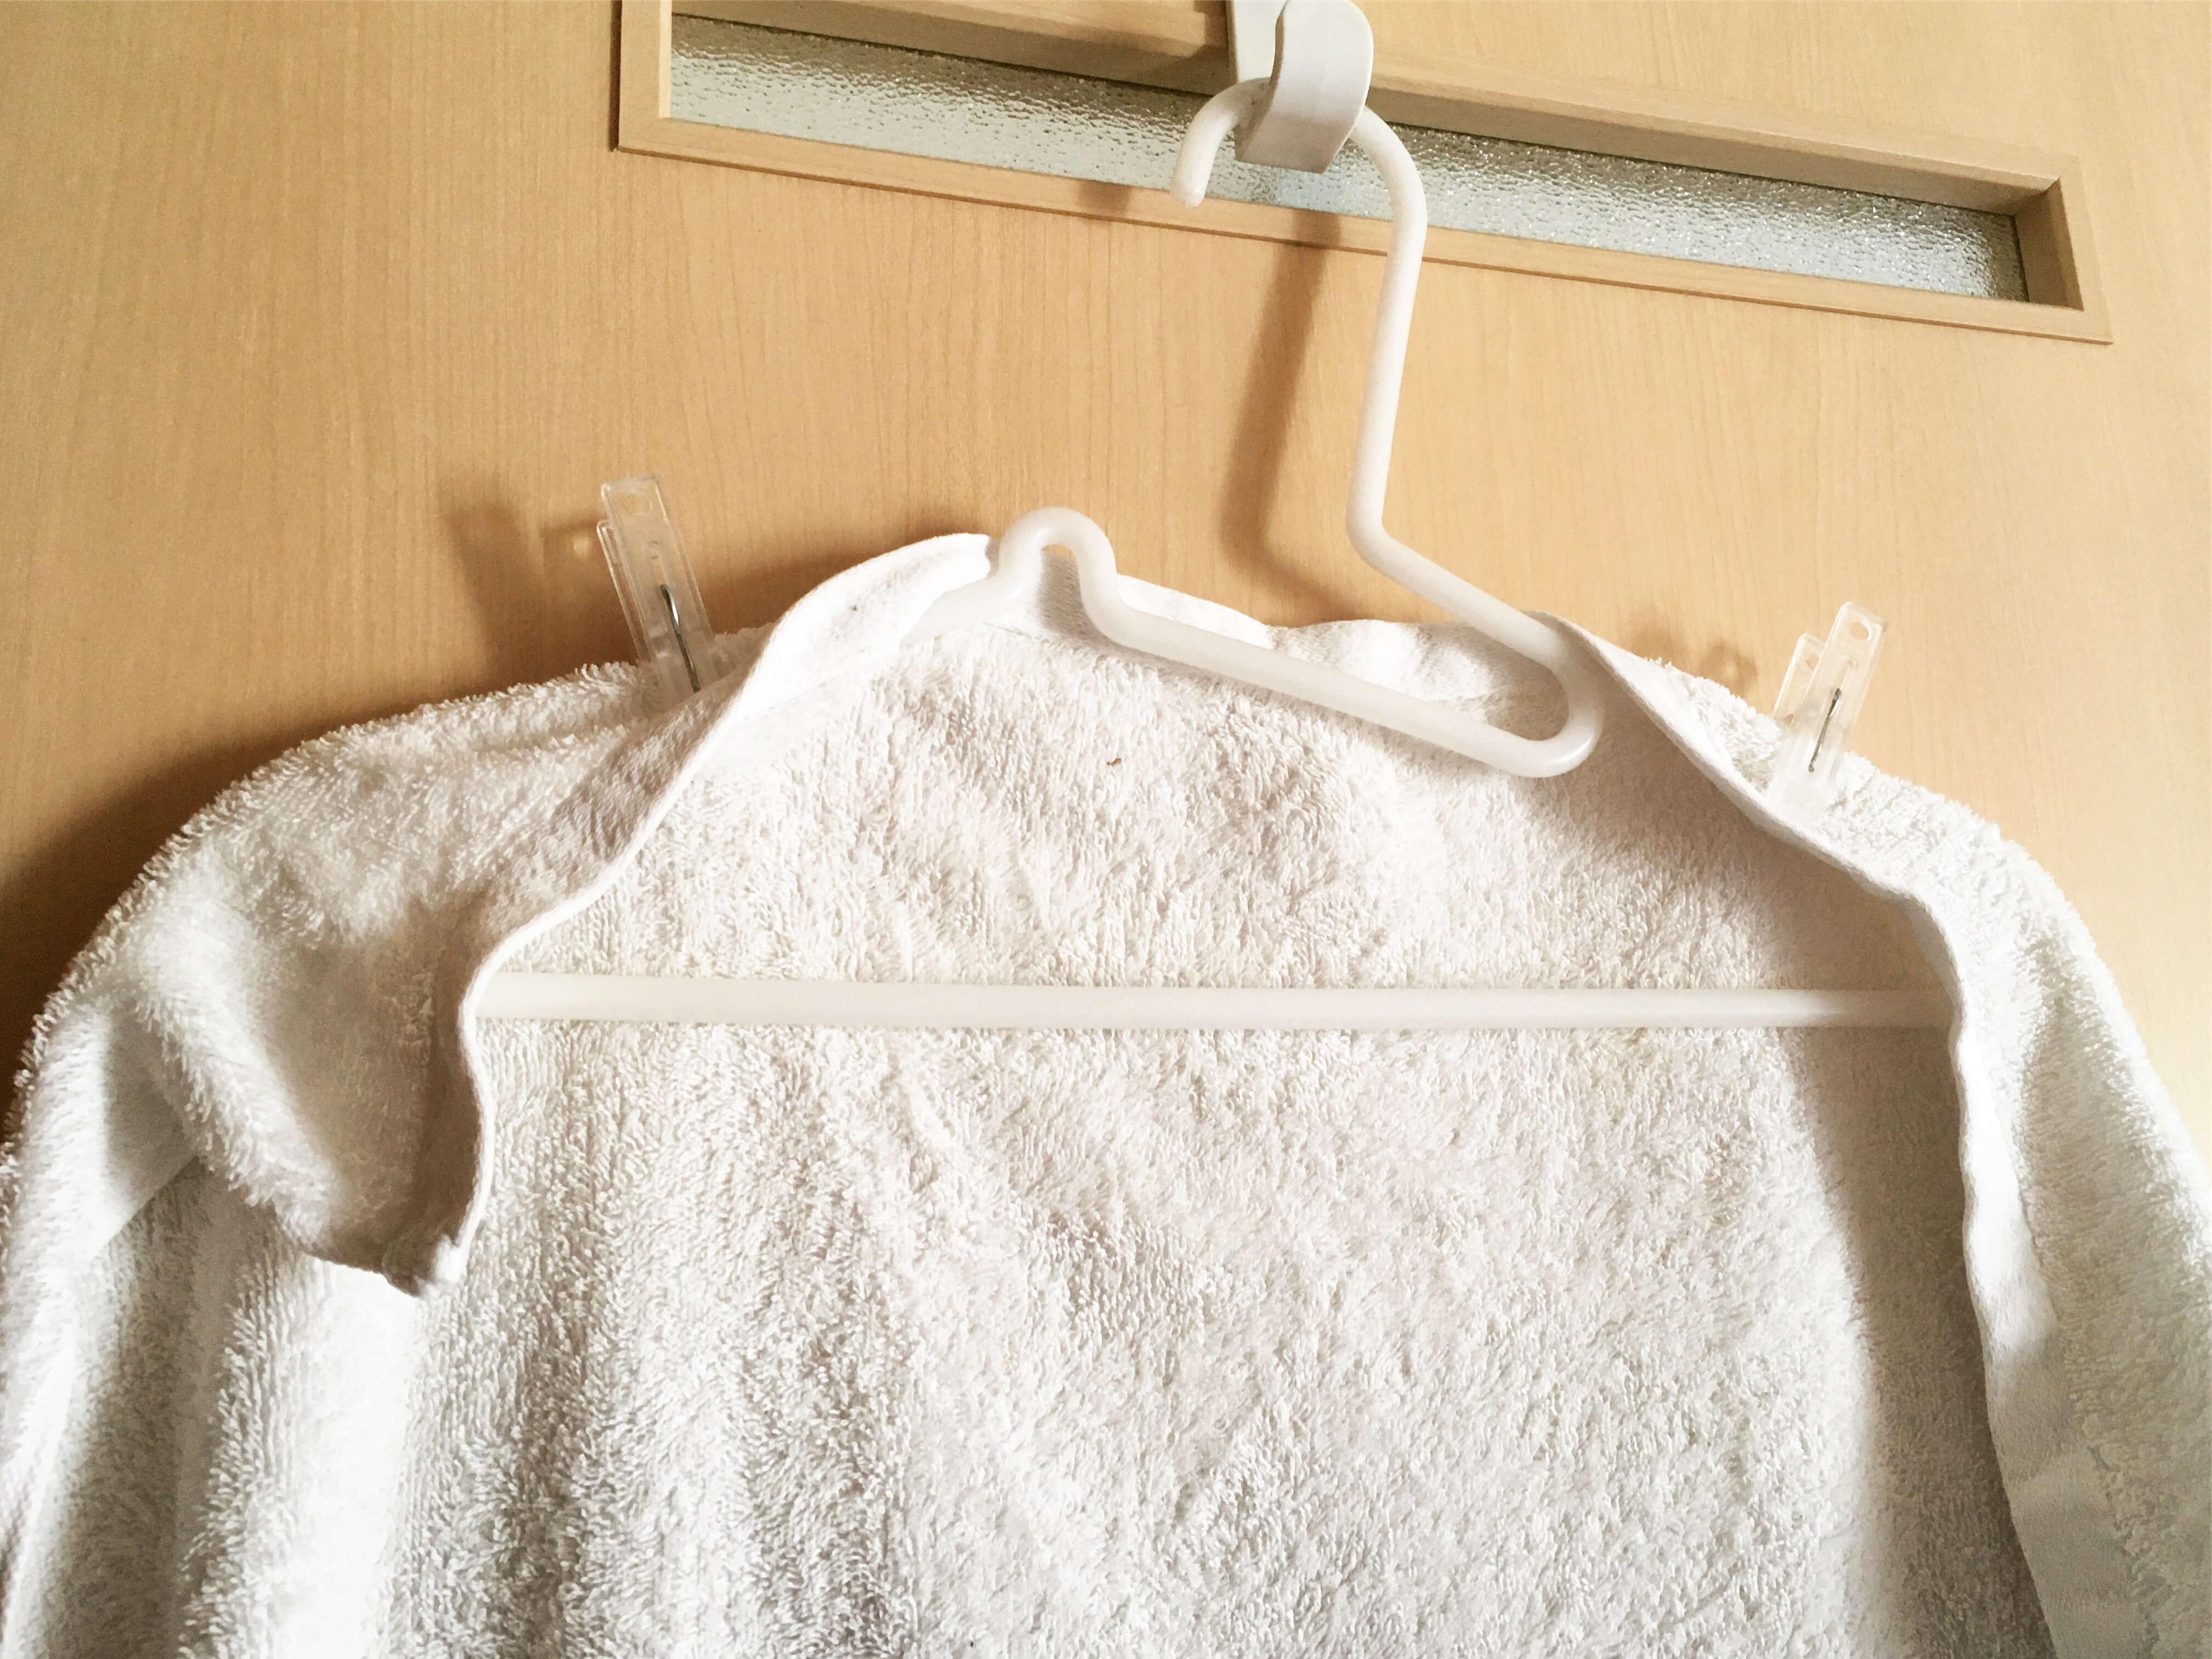 ハンガーにバスタオルを干す最適なやり方